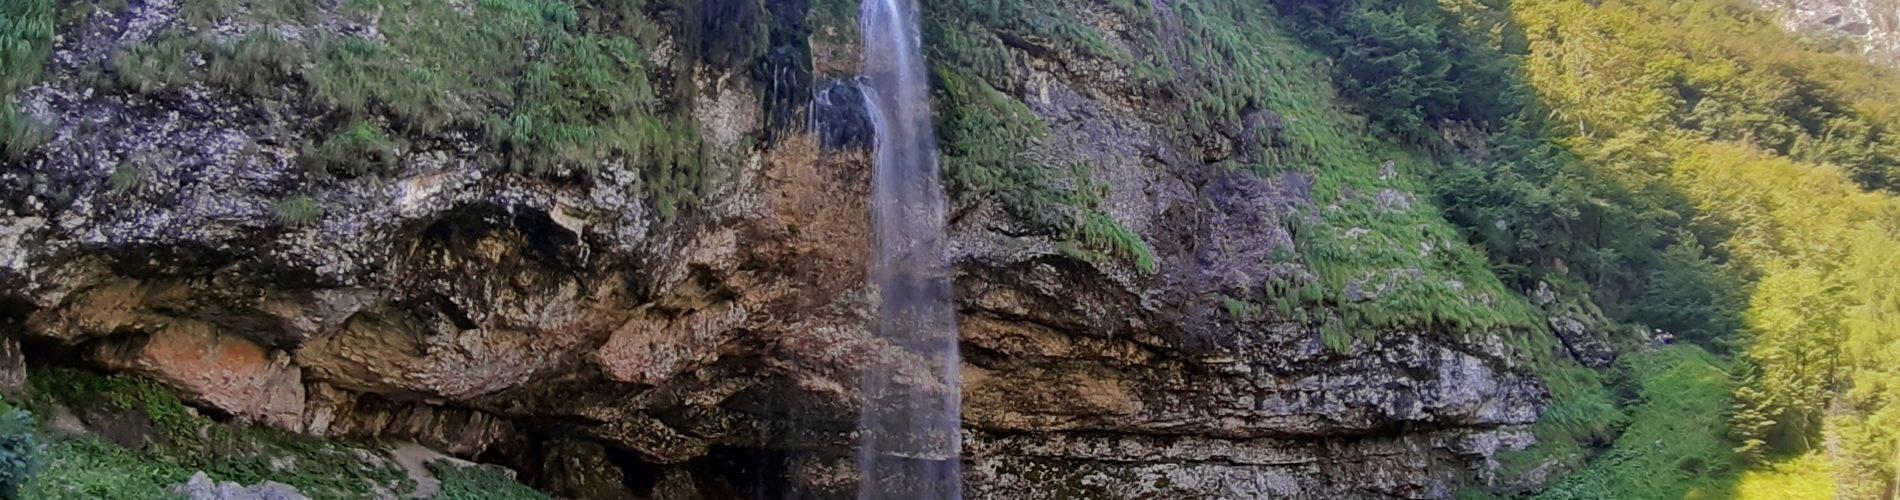 Chiusaforte, Fontanone del Goriuda